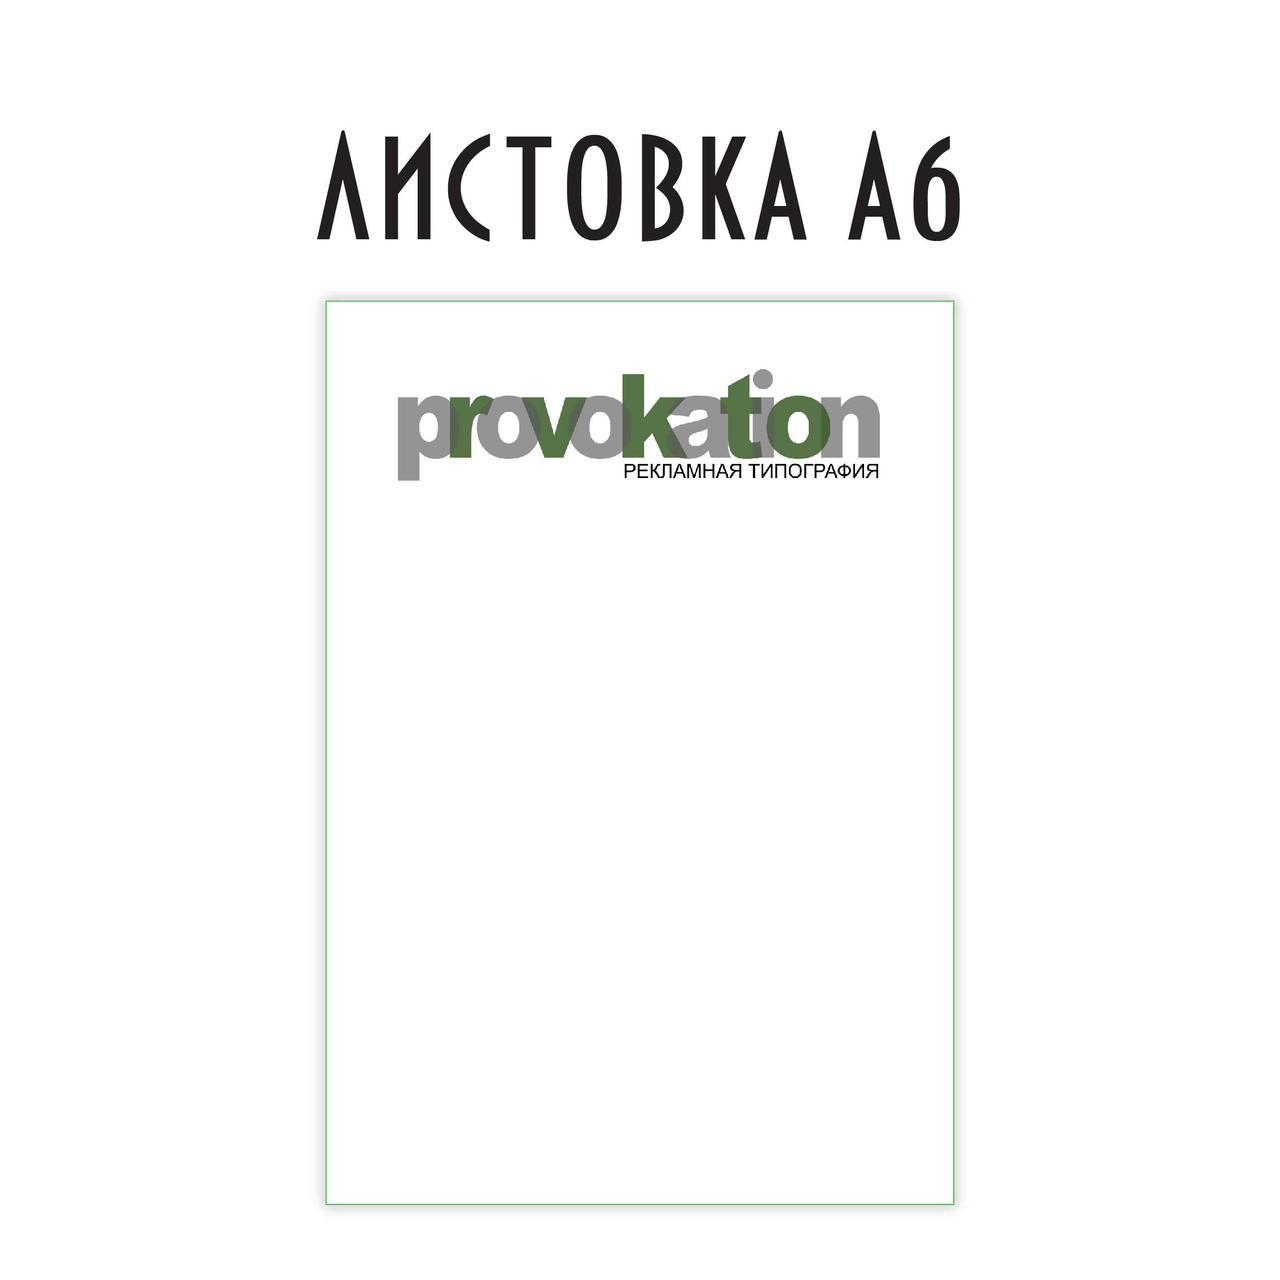 Оперативная печать листовок А6 формата